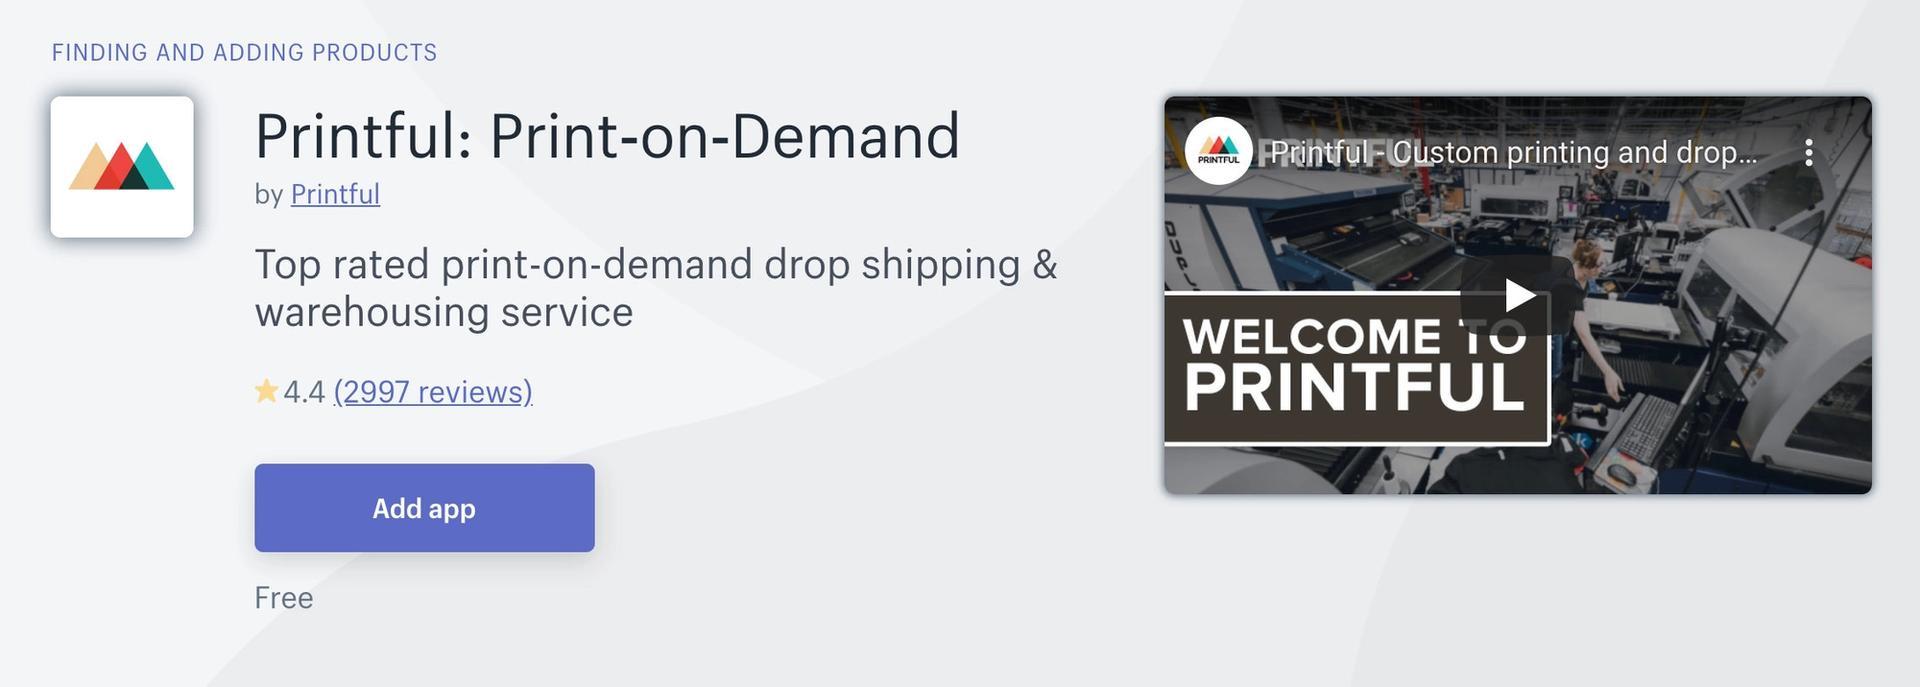 Printful Shopify app